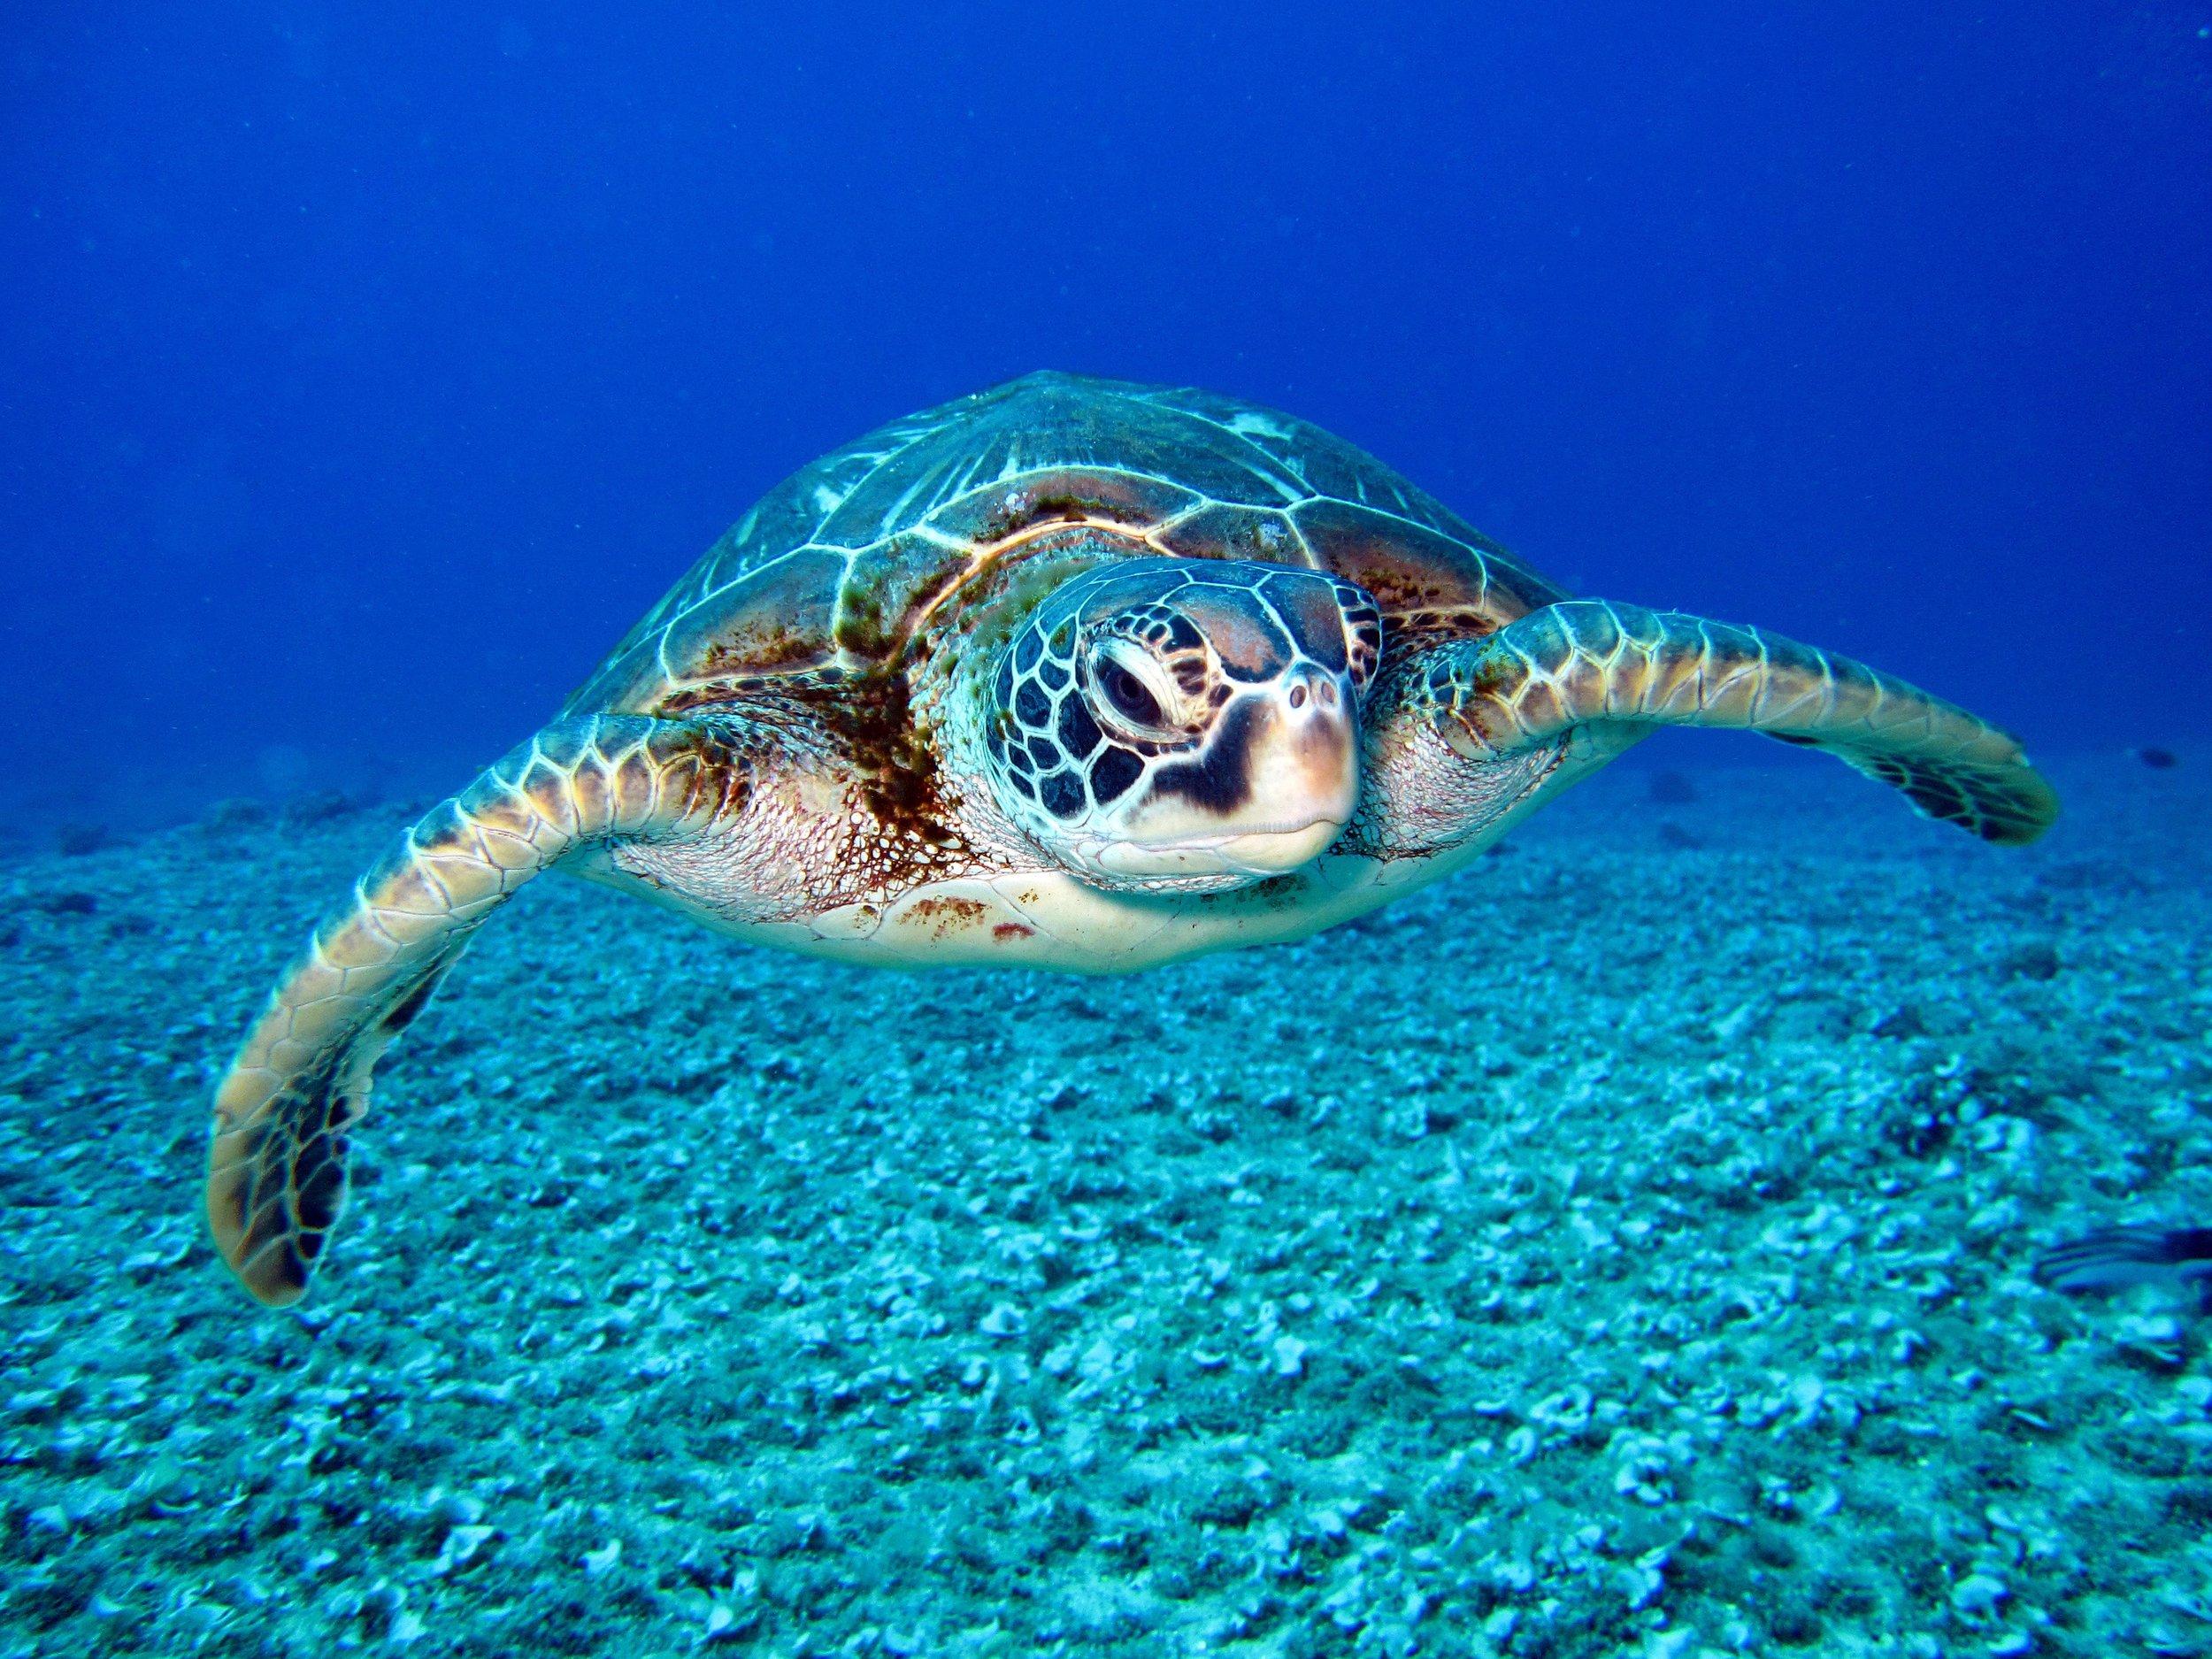 sea.turtle.jpg